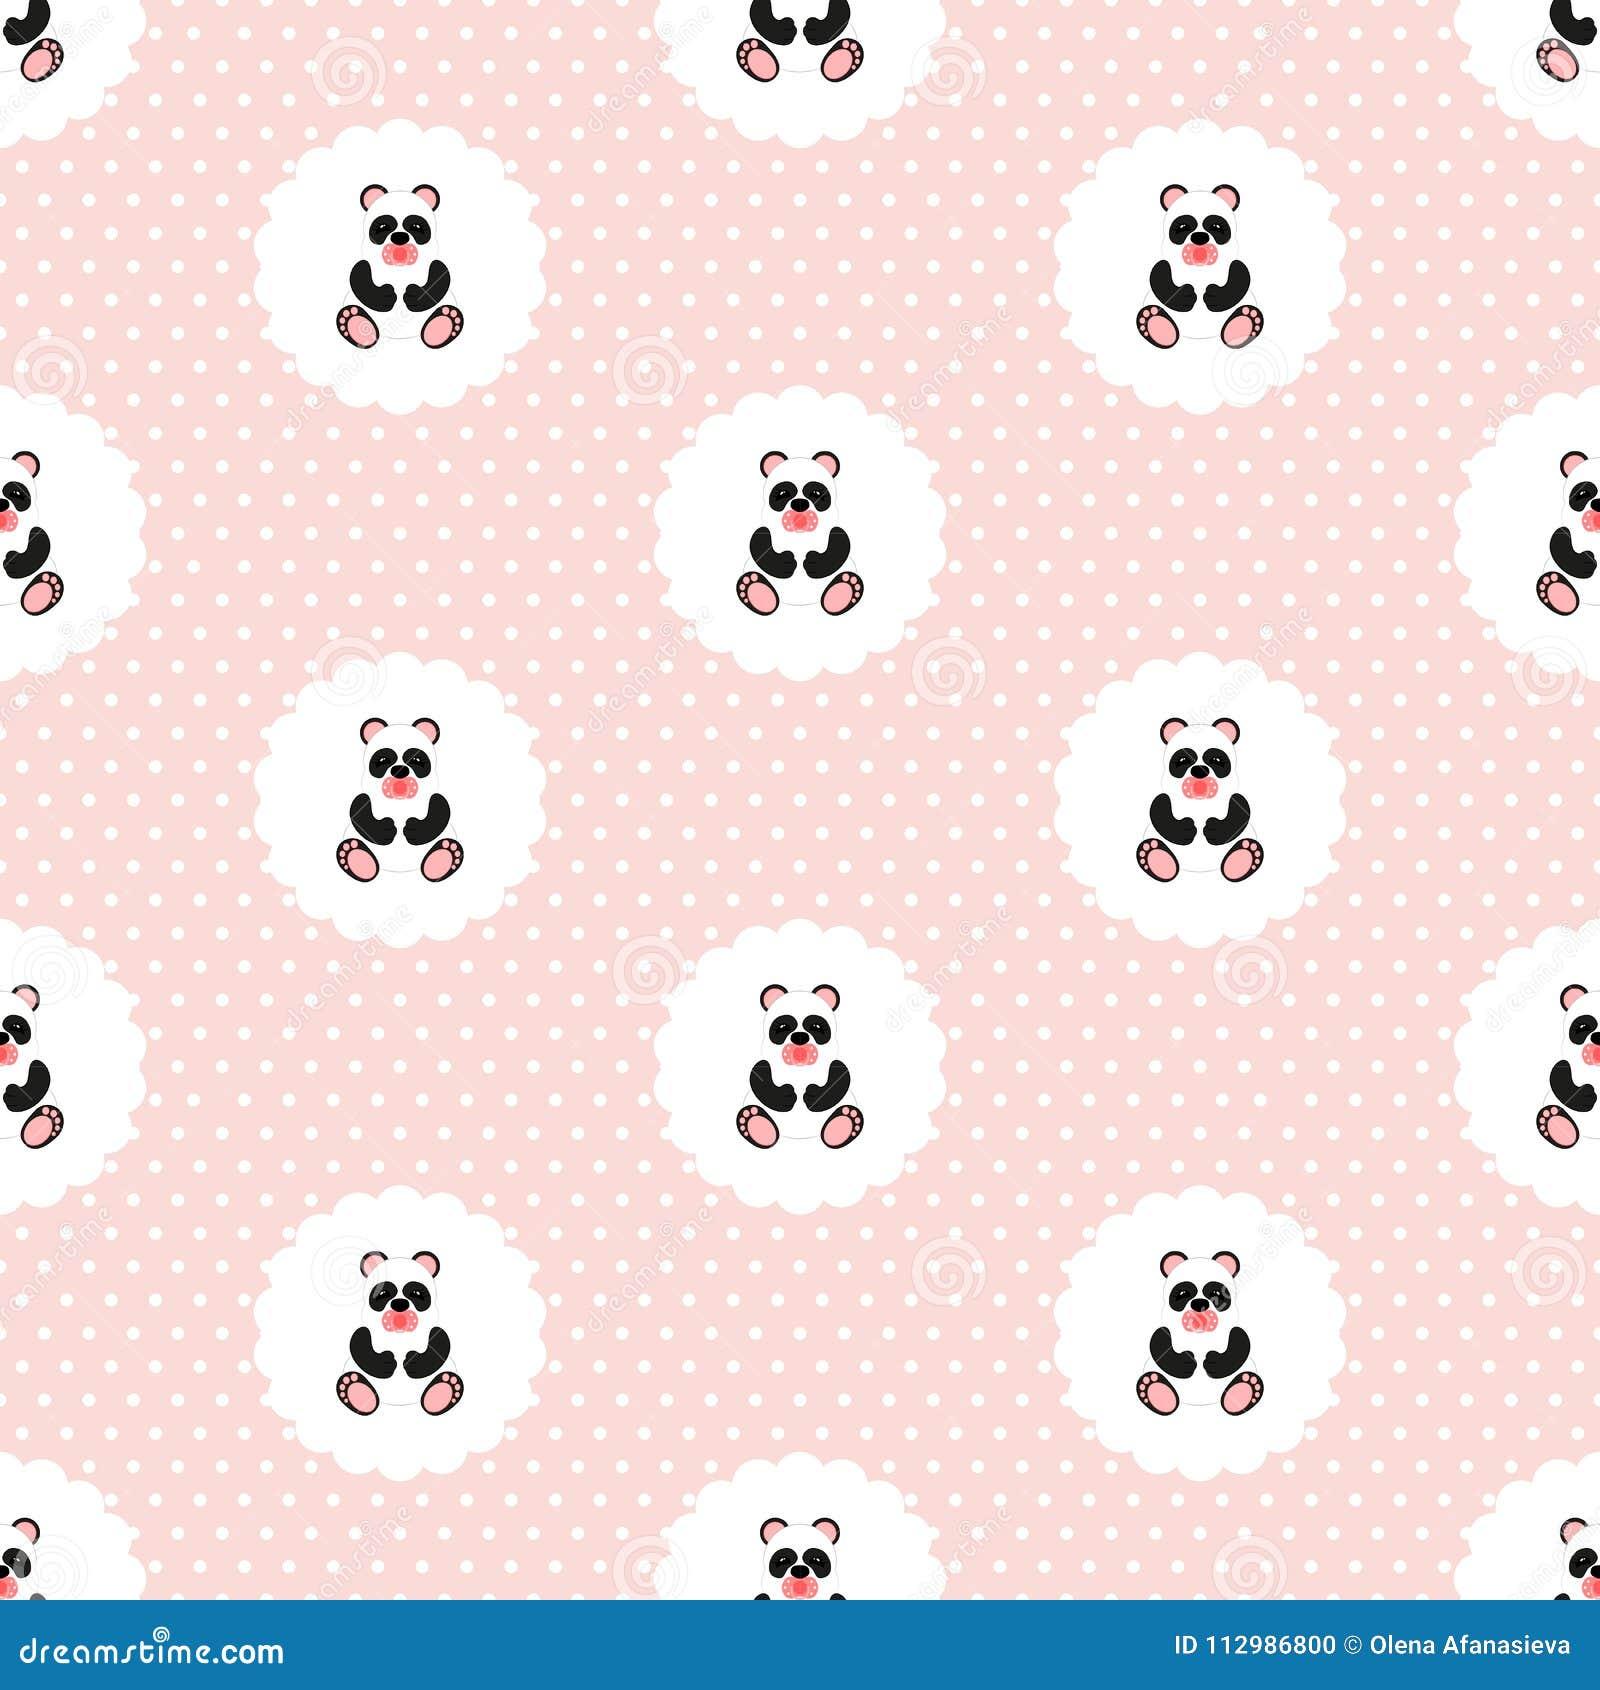 Panda baby. Pattern. Seamless illustration. Flat.